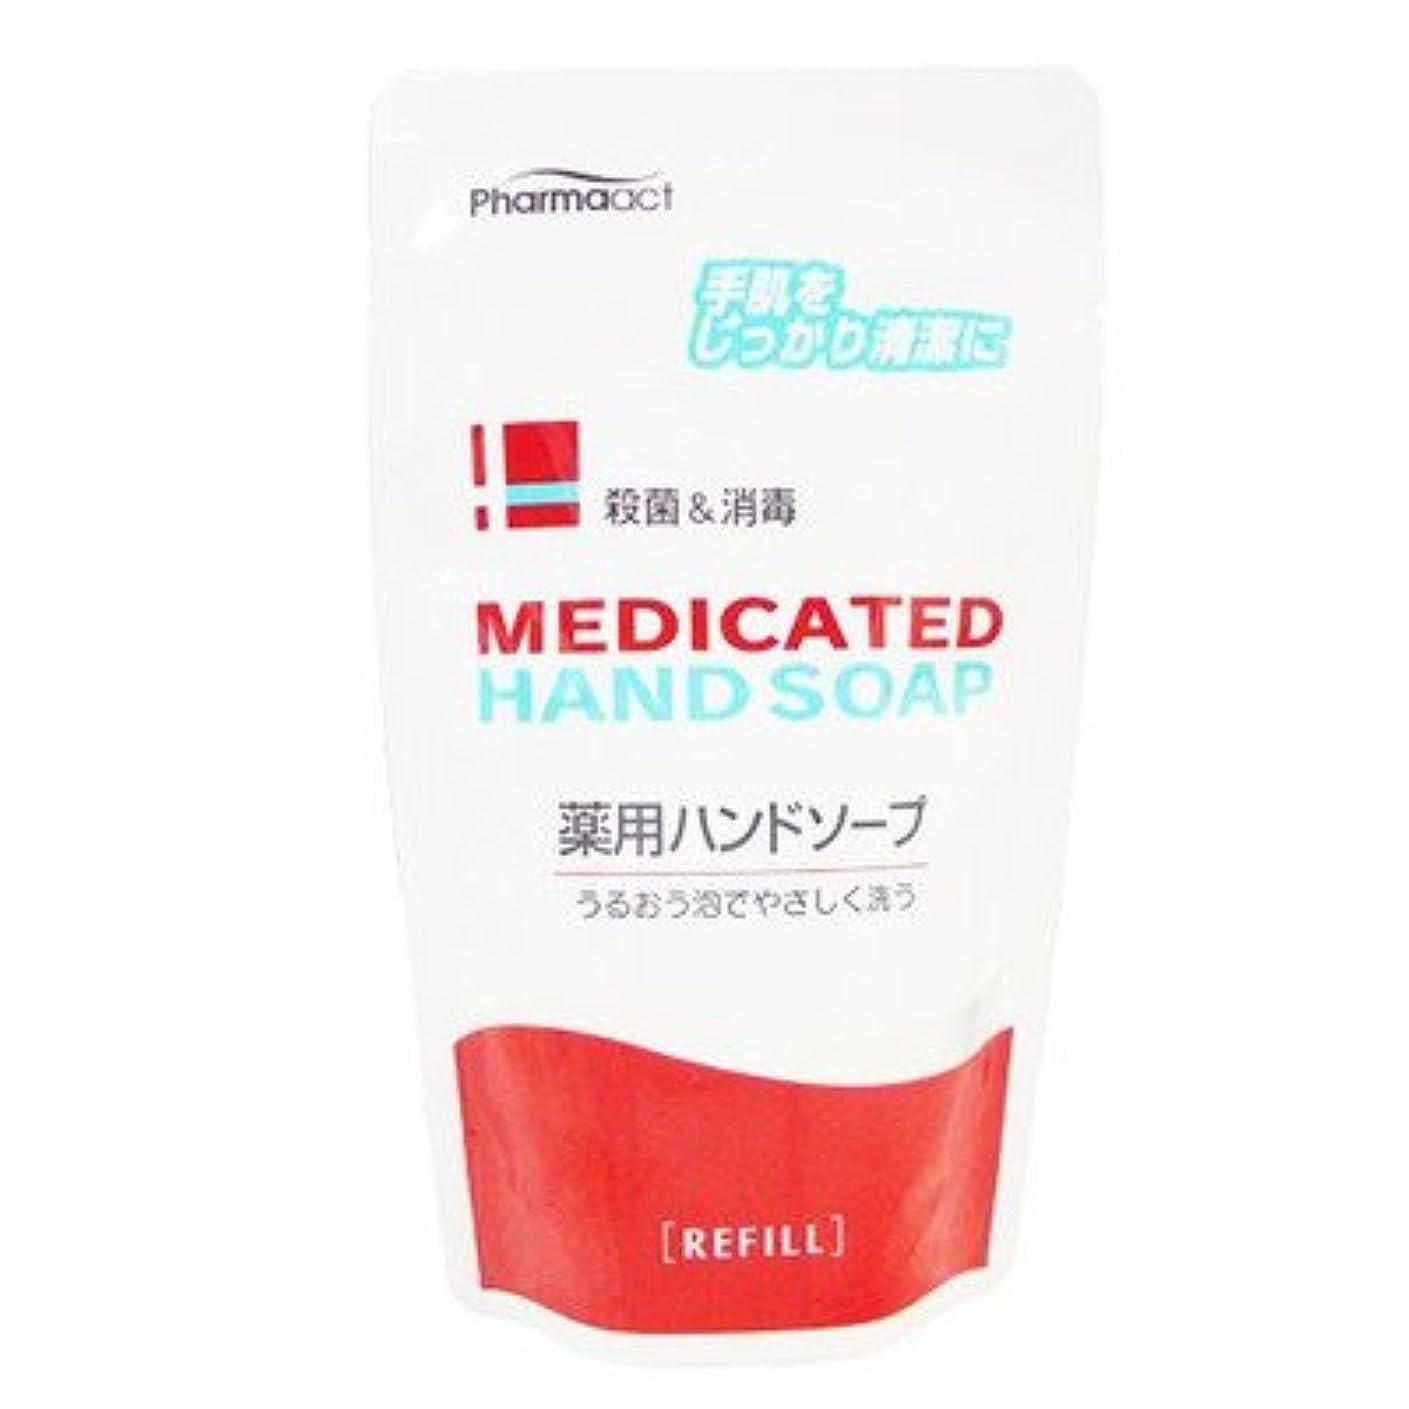 促進する無効にする競うMedicated 薬用ハンドソープ 殺菌+消毒 200ml【つめかえ用】(医薬部外品)